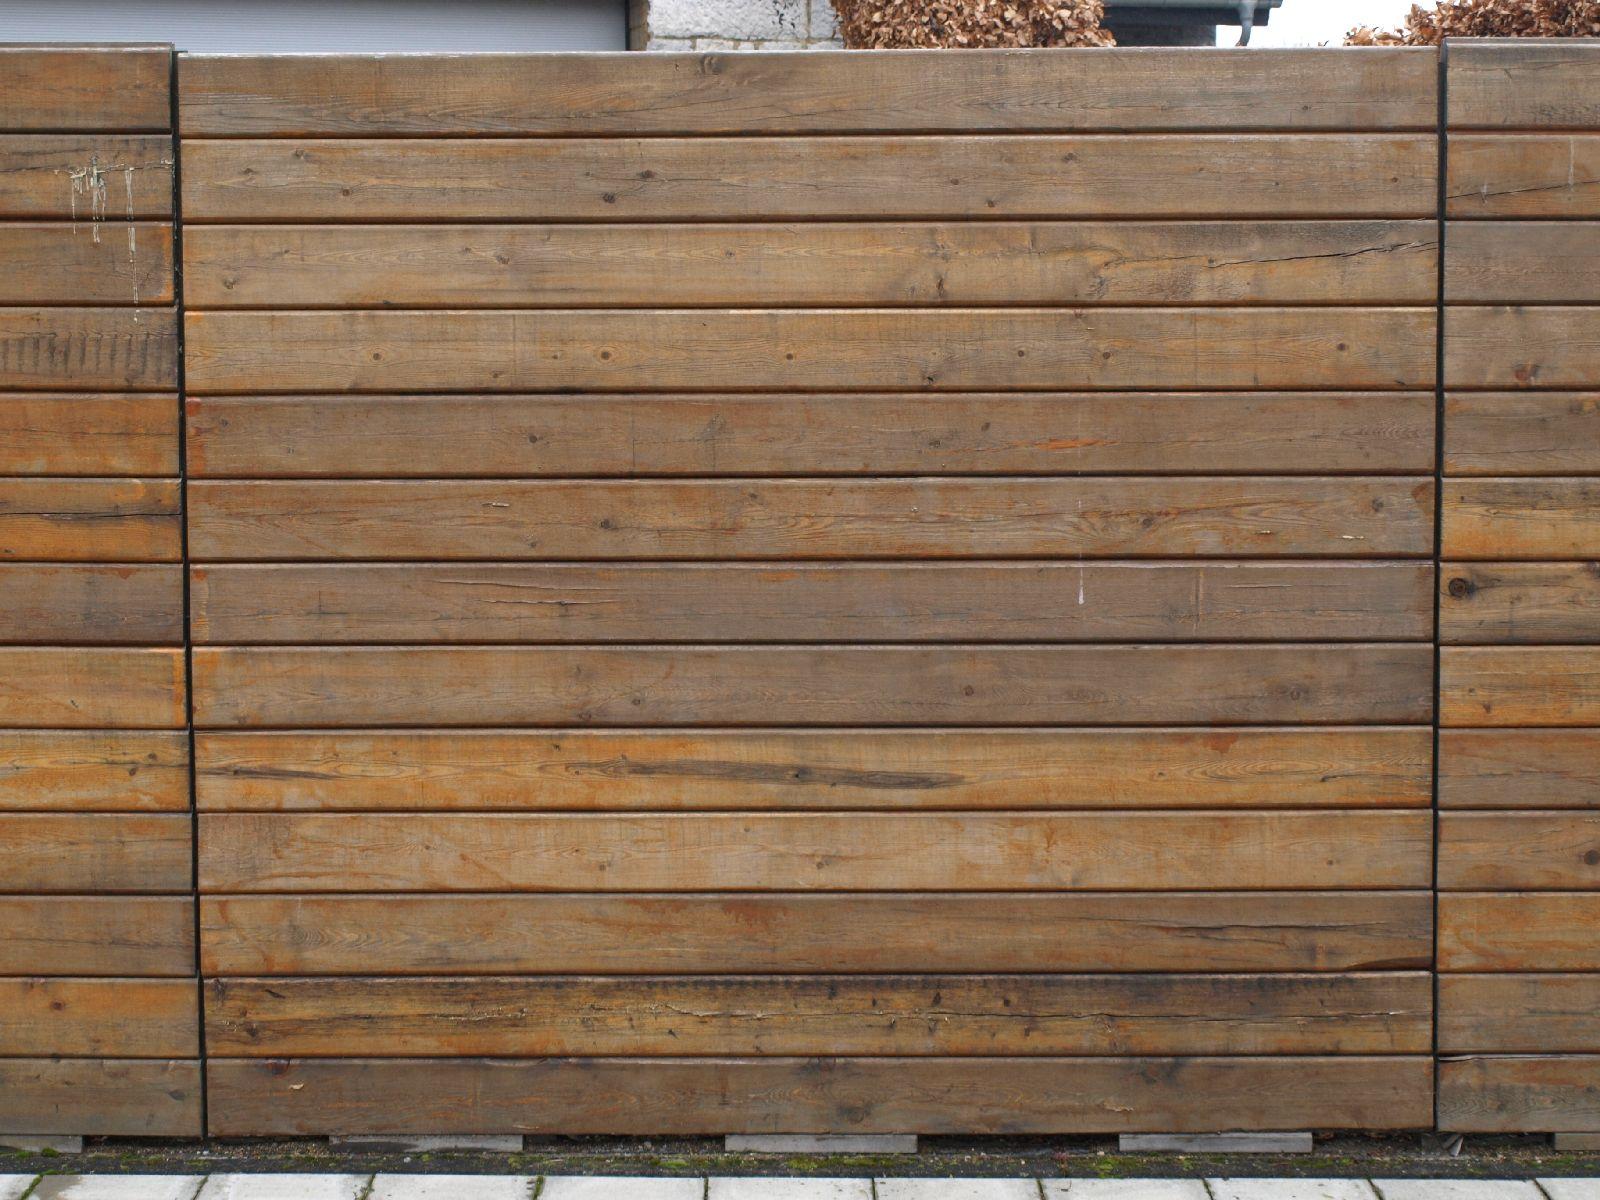 Holz_Textur_A_P2080534